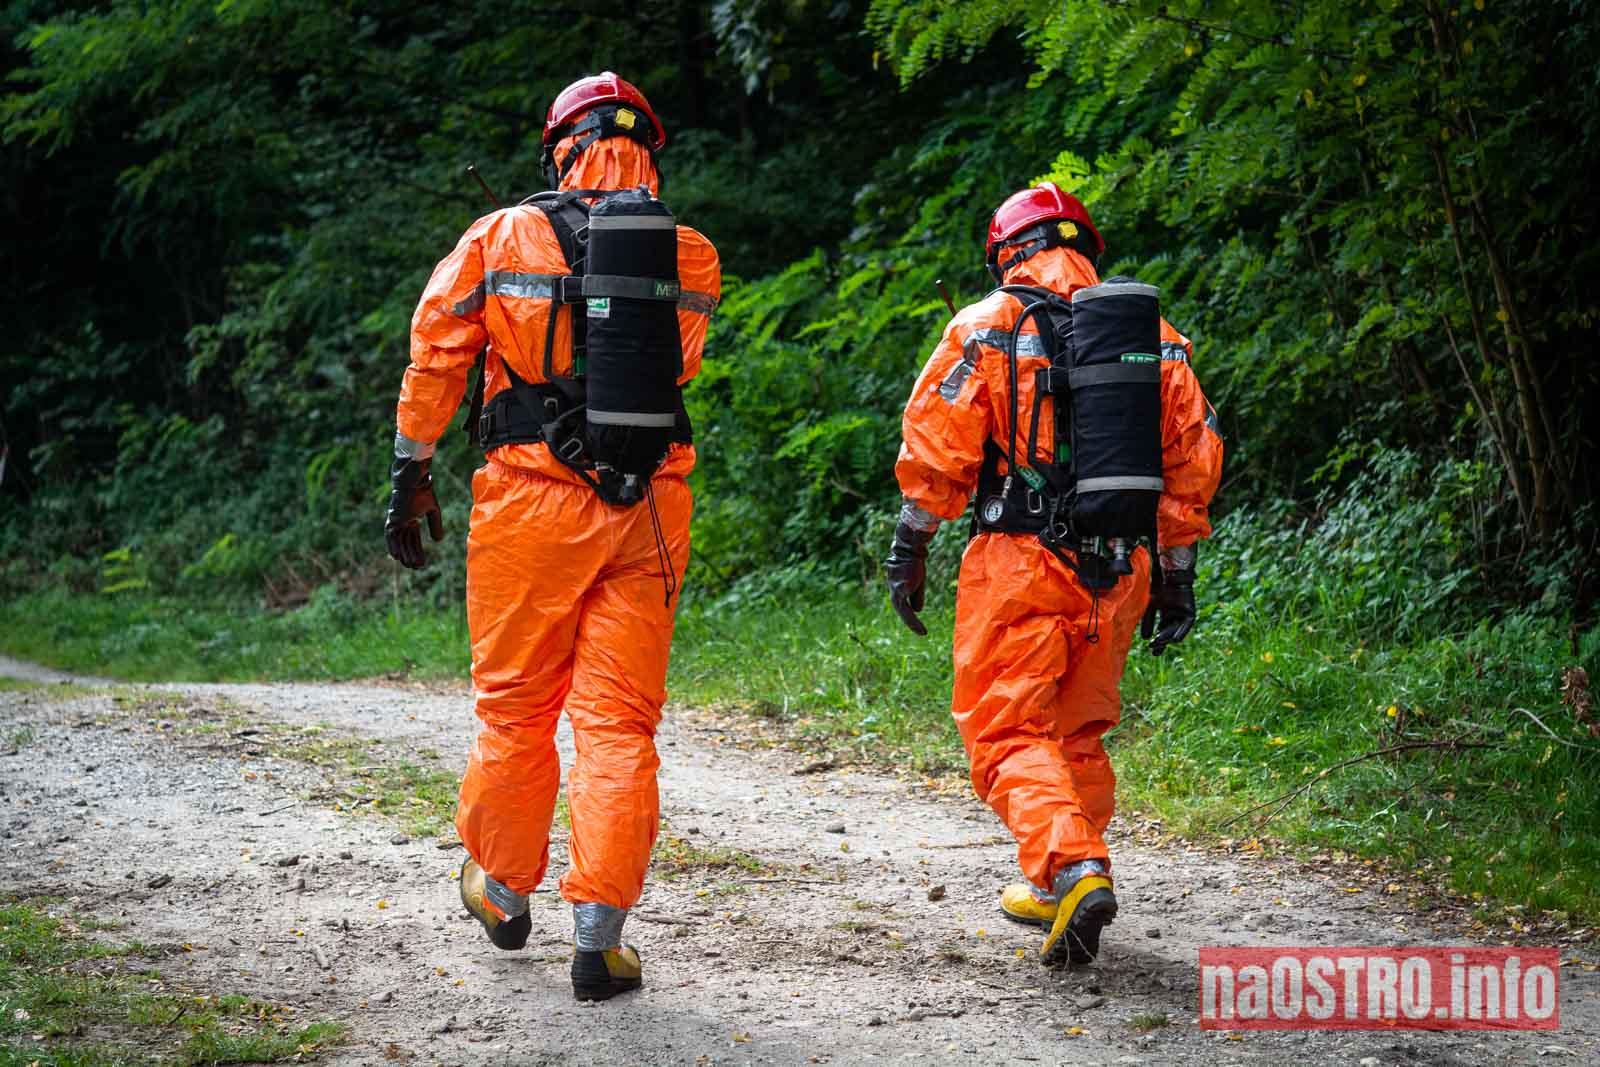 NaOSTROinfo Ćwiczenia Straży Pożarnej-61